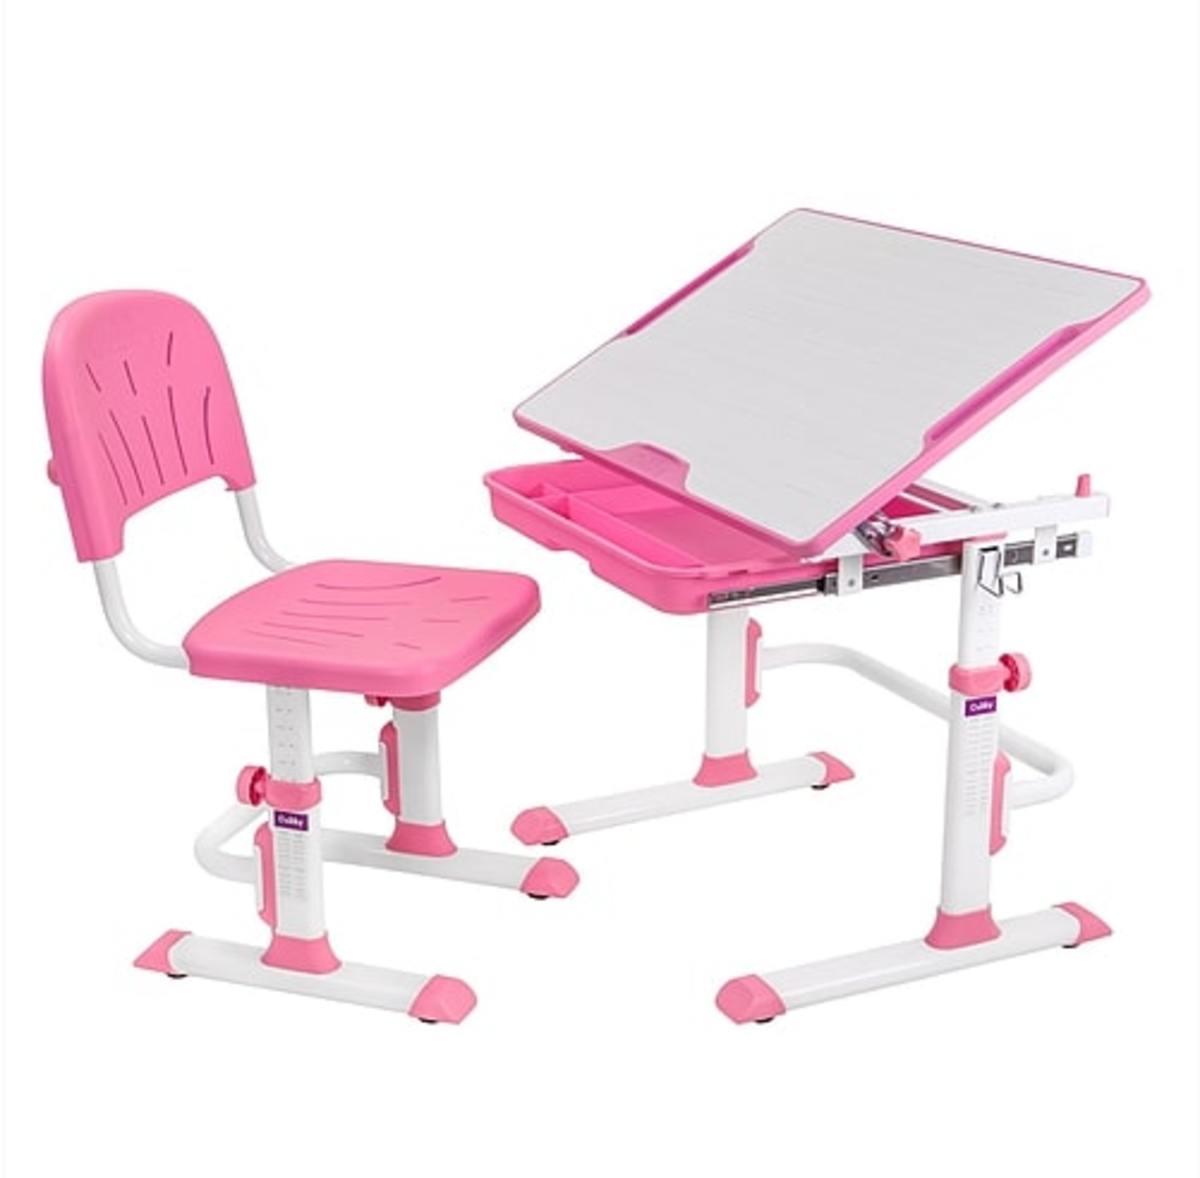 Detský písací stôl + stoličky Cubby Lupin - ružový